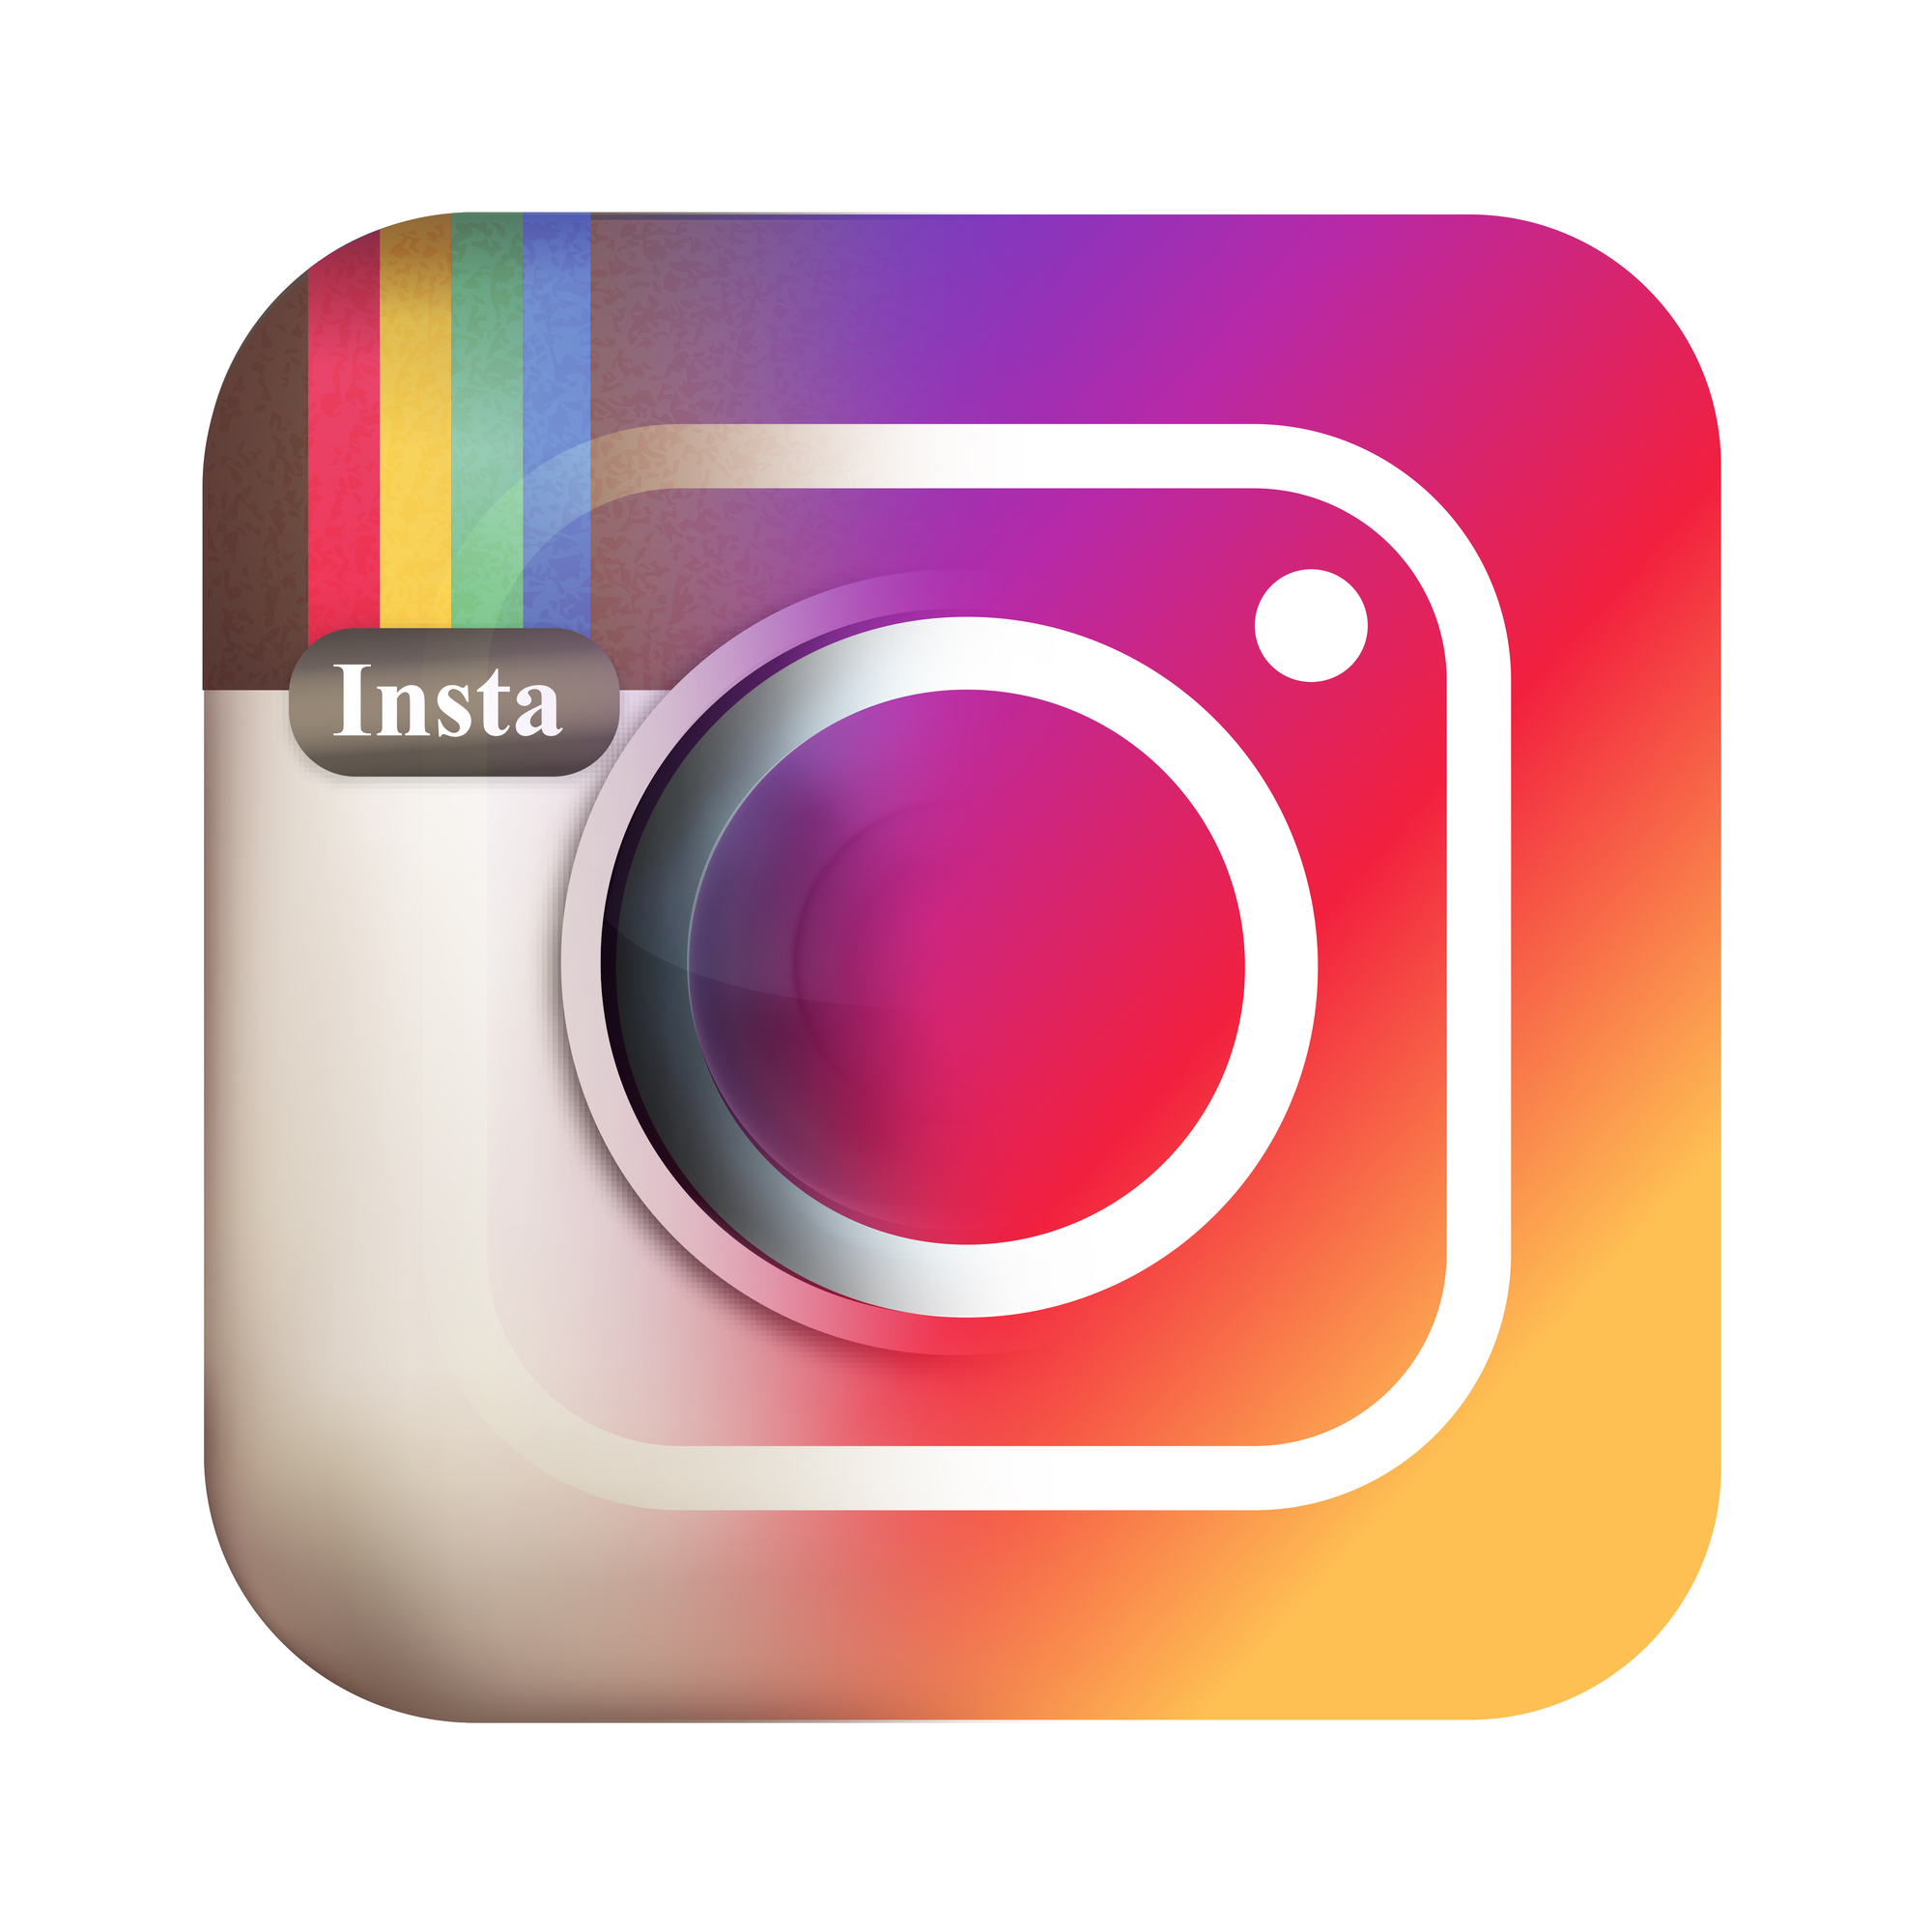 Happy Birthday Instagram: 10 Jahre Erfolgsgeschichte 9